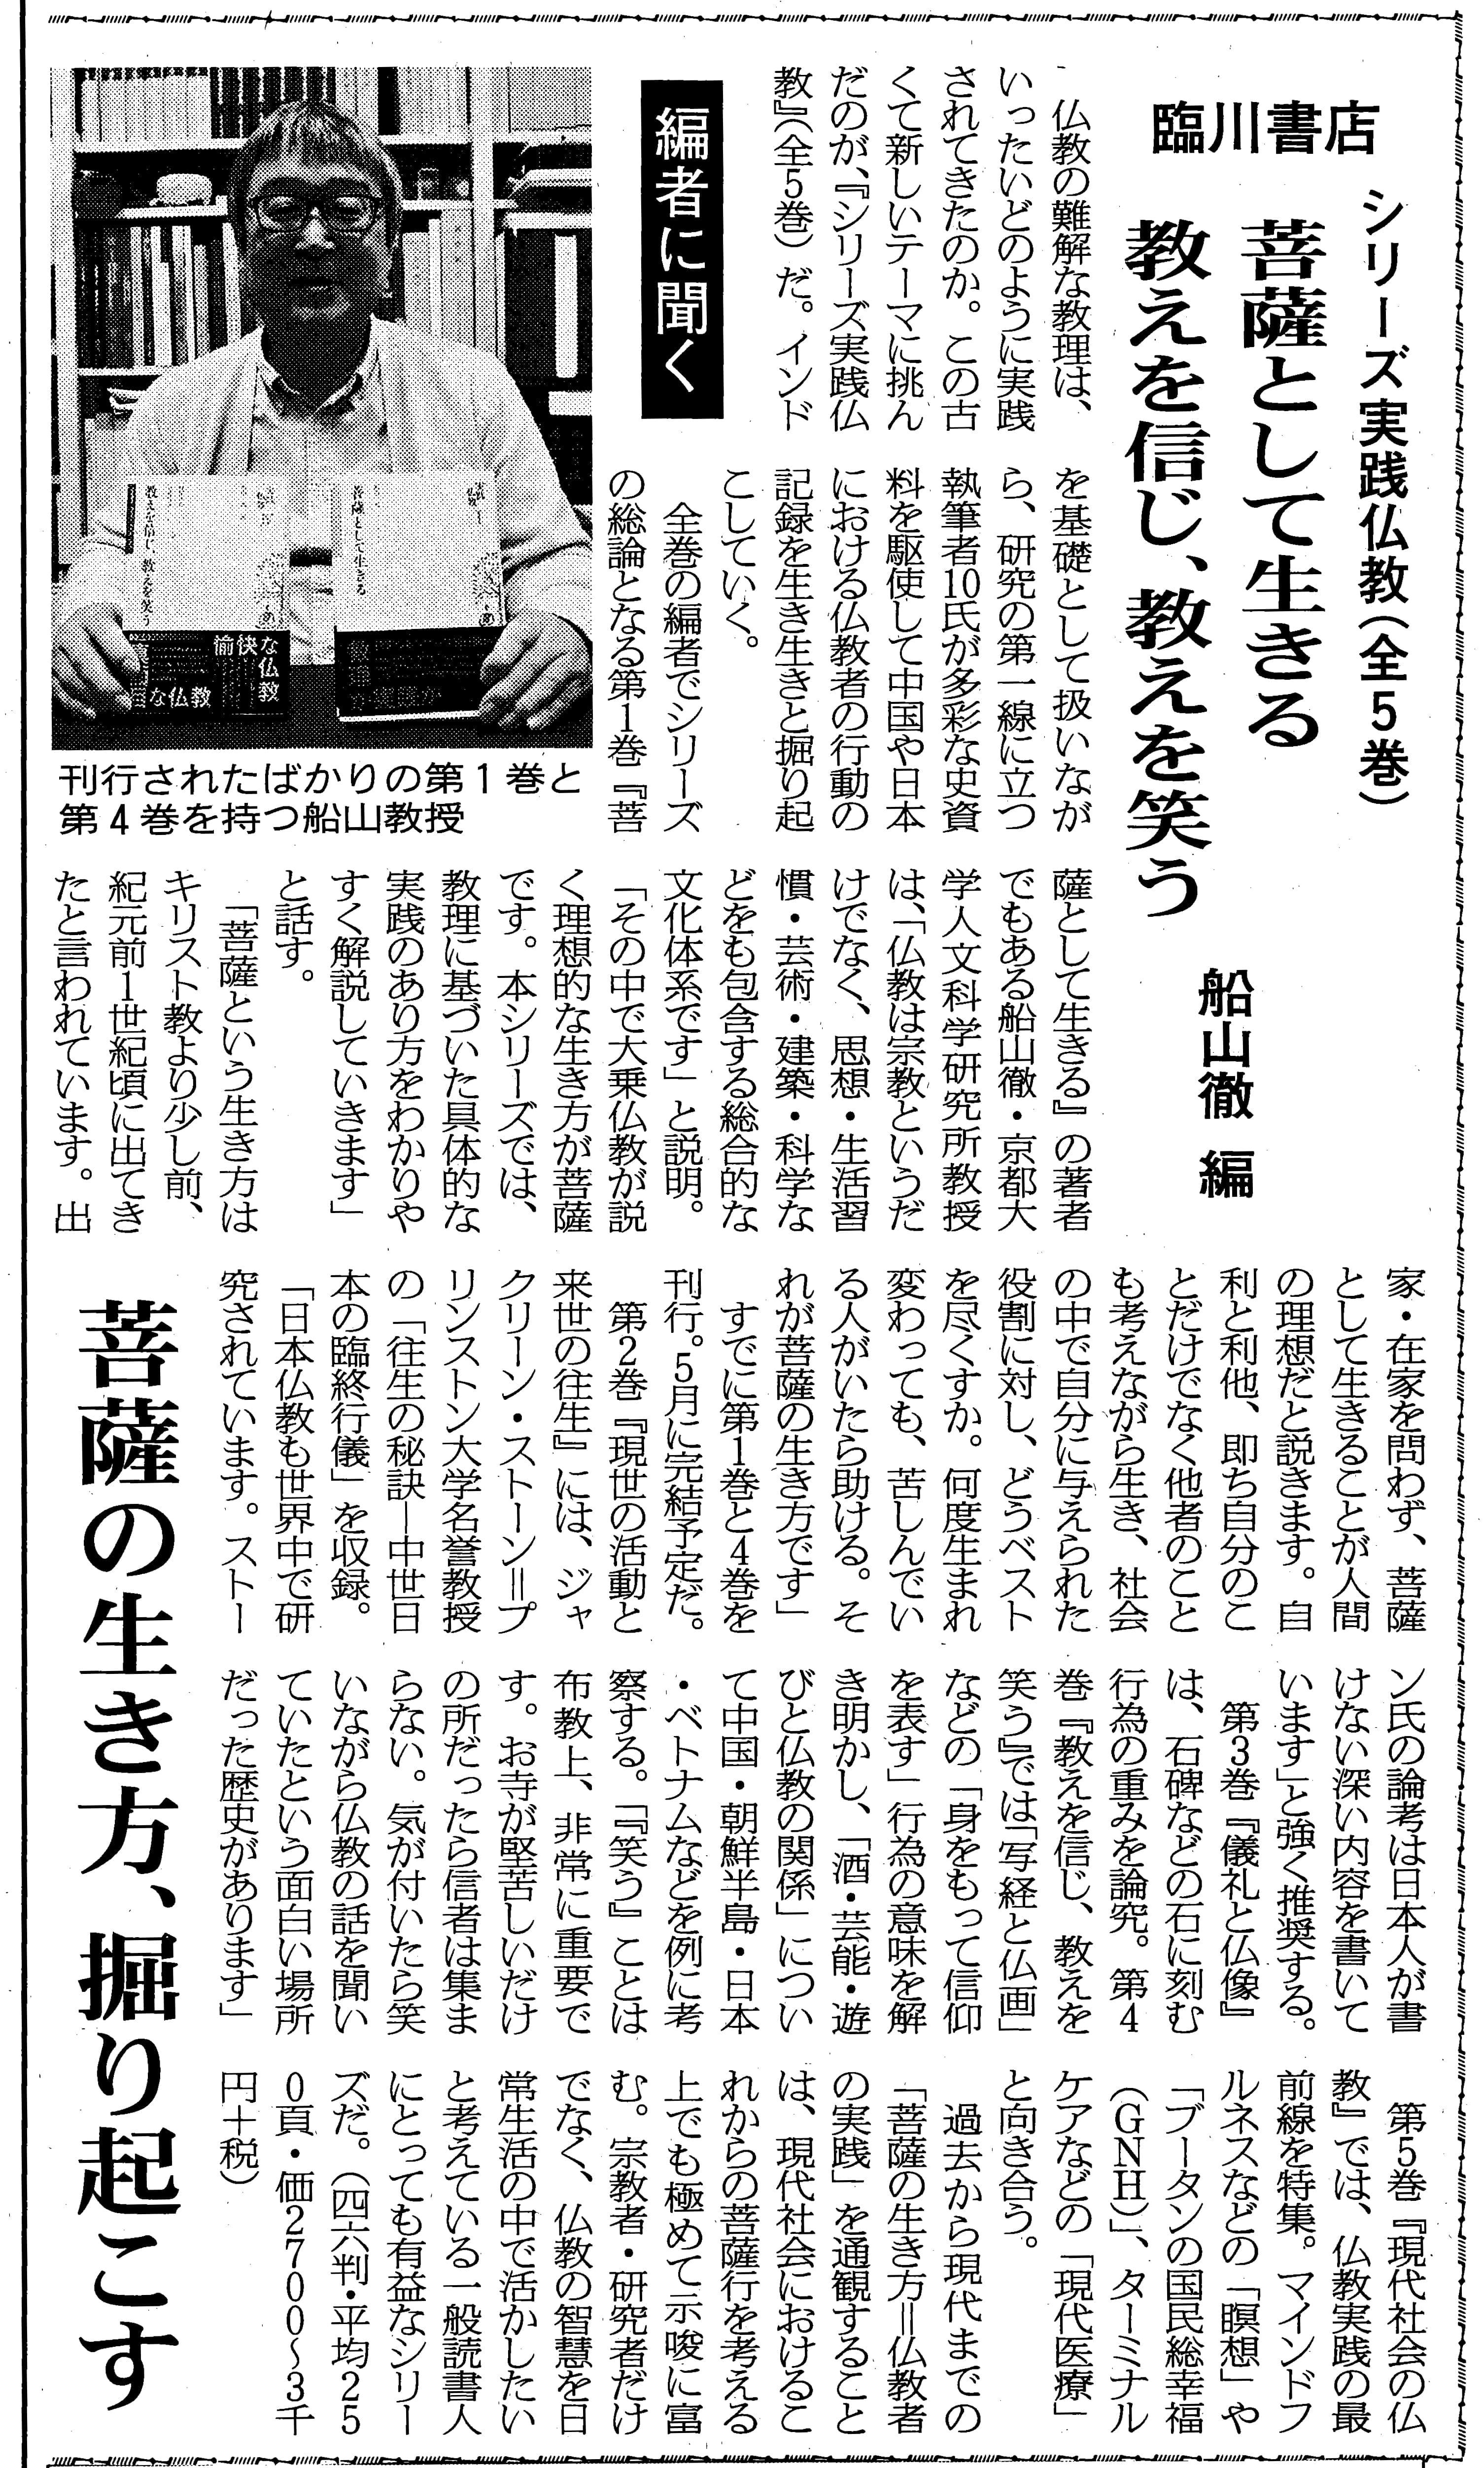 仏教タイムス2020年3月12日号